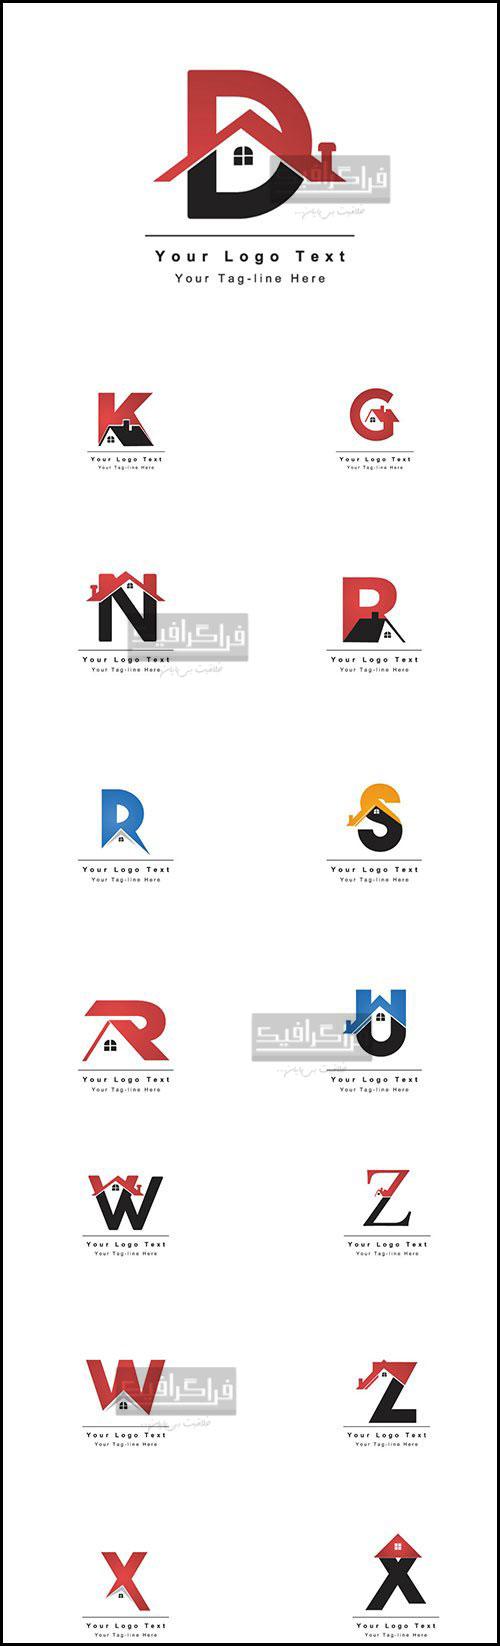 دانلود لوگو های حروف انگلیسی - طرح خانه